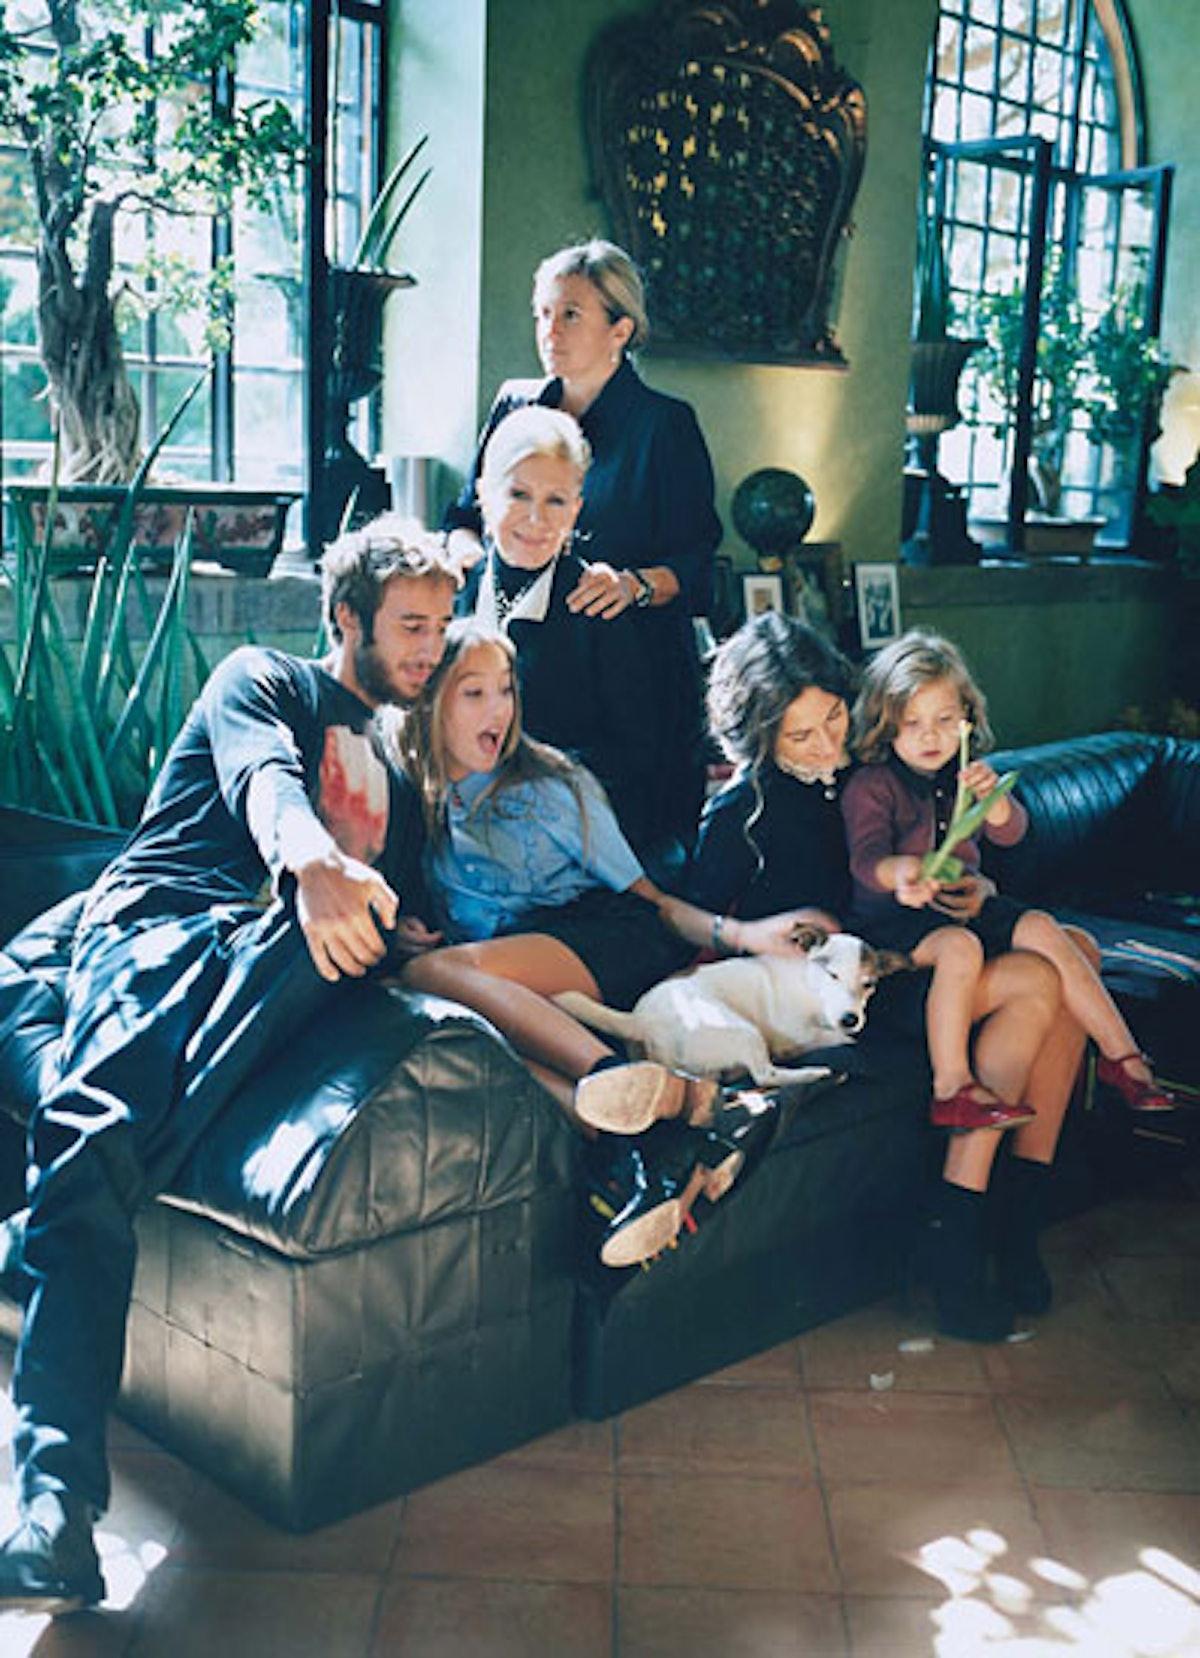 cess_families_03_v1.jpg